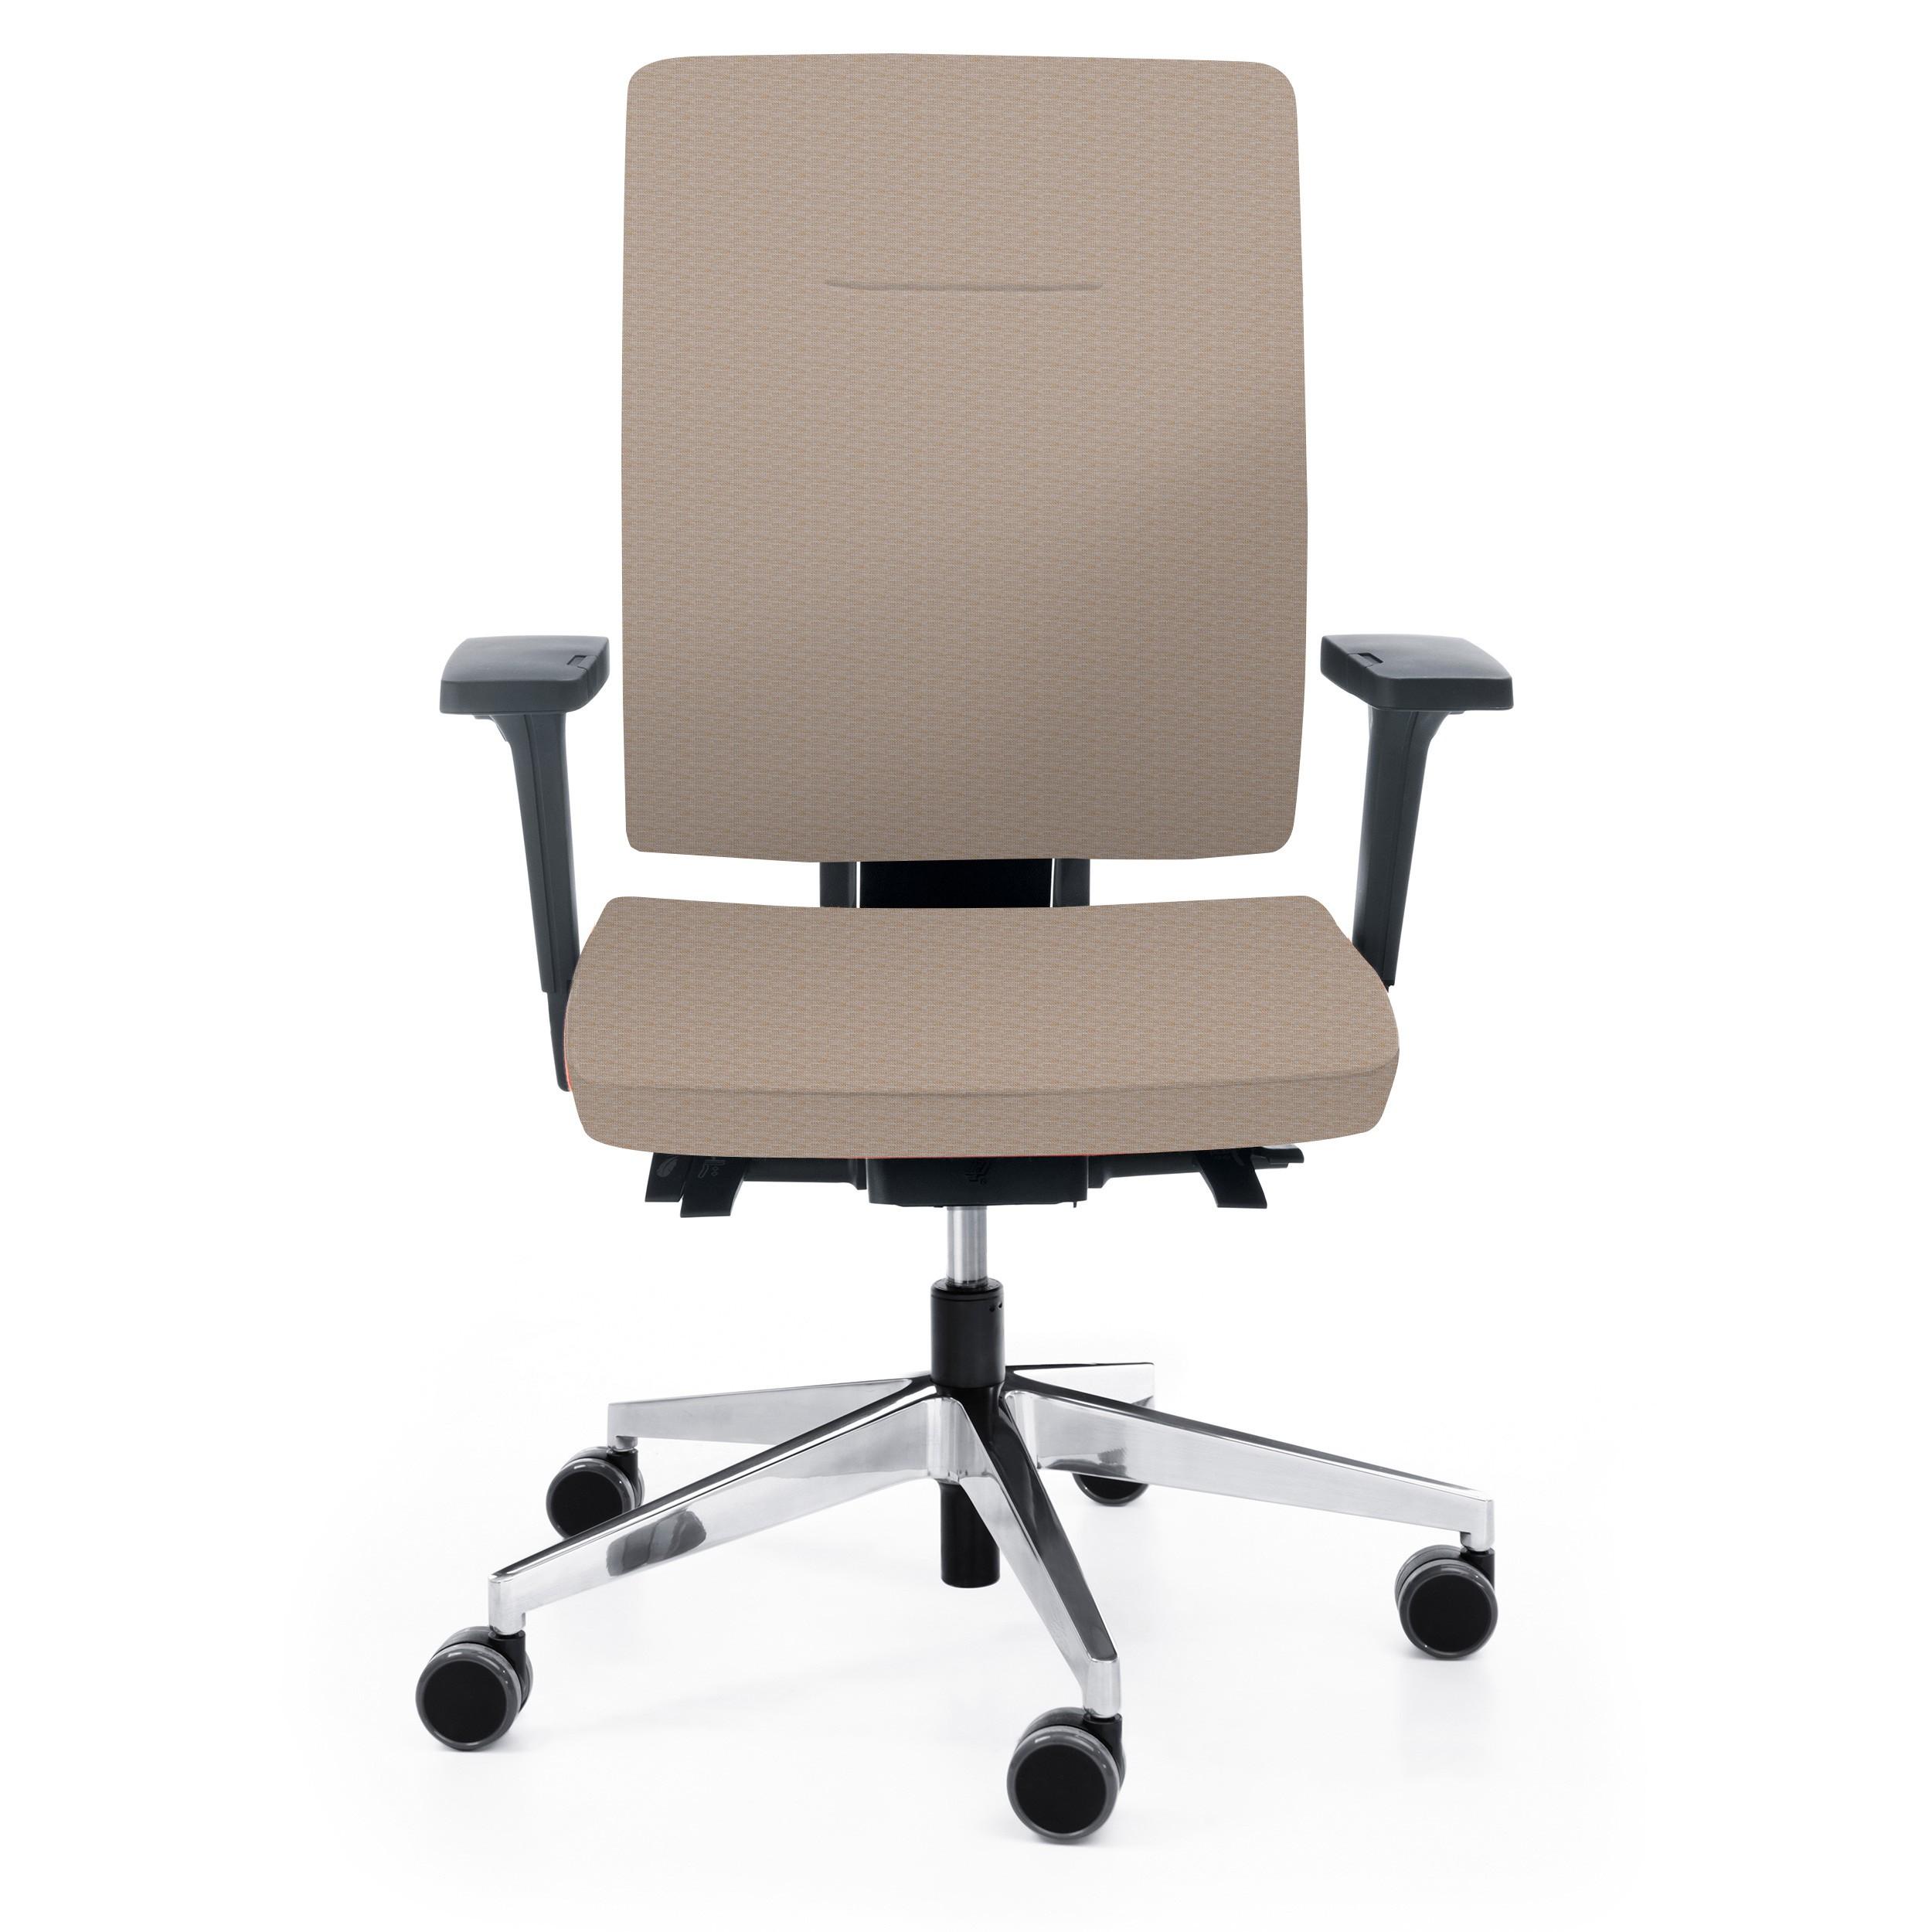 profim Drehstuhl Xenon 10 - Farbe und Ausstattung wählbar - Büro Stuhl